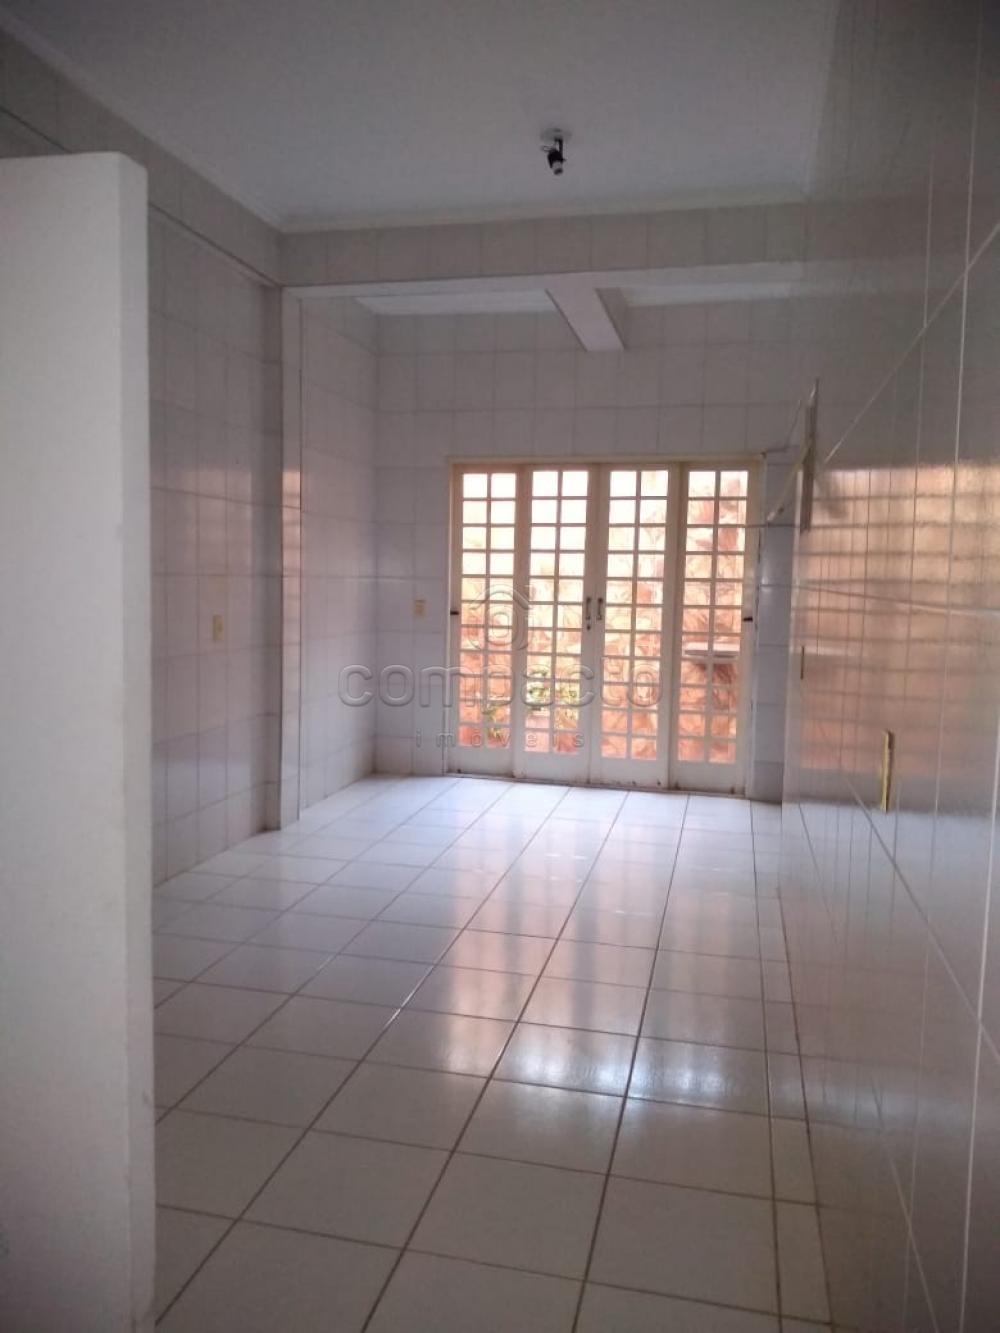 Alugar Casa / Padrão em São José do Rio Preto apenas R$ 1.600,00 - Foto 21